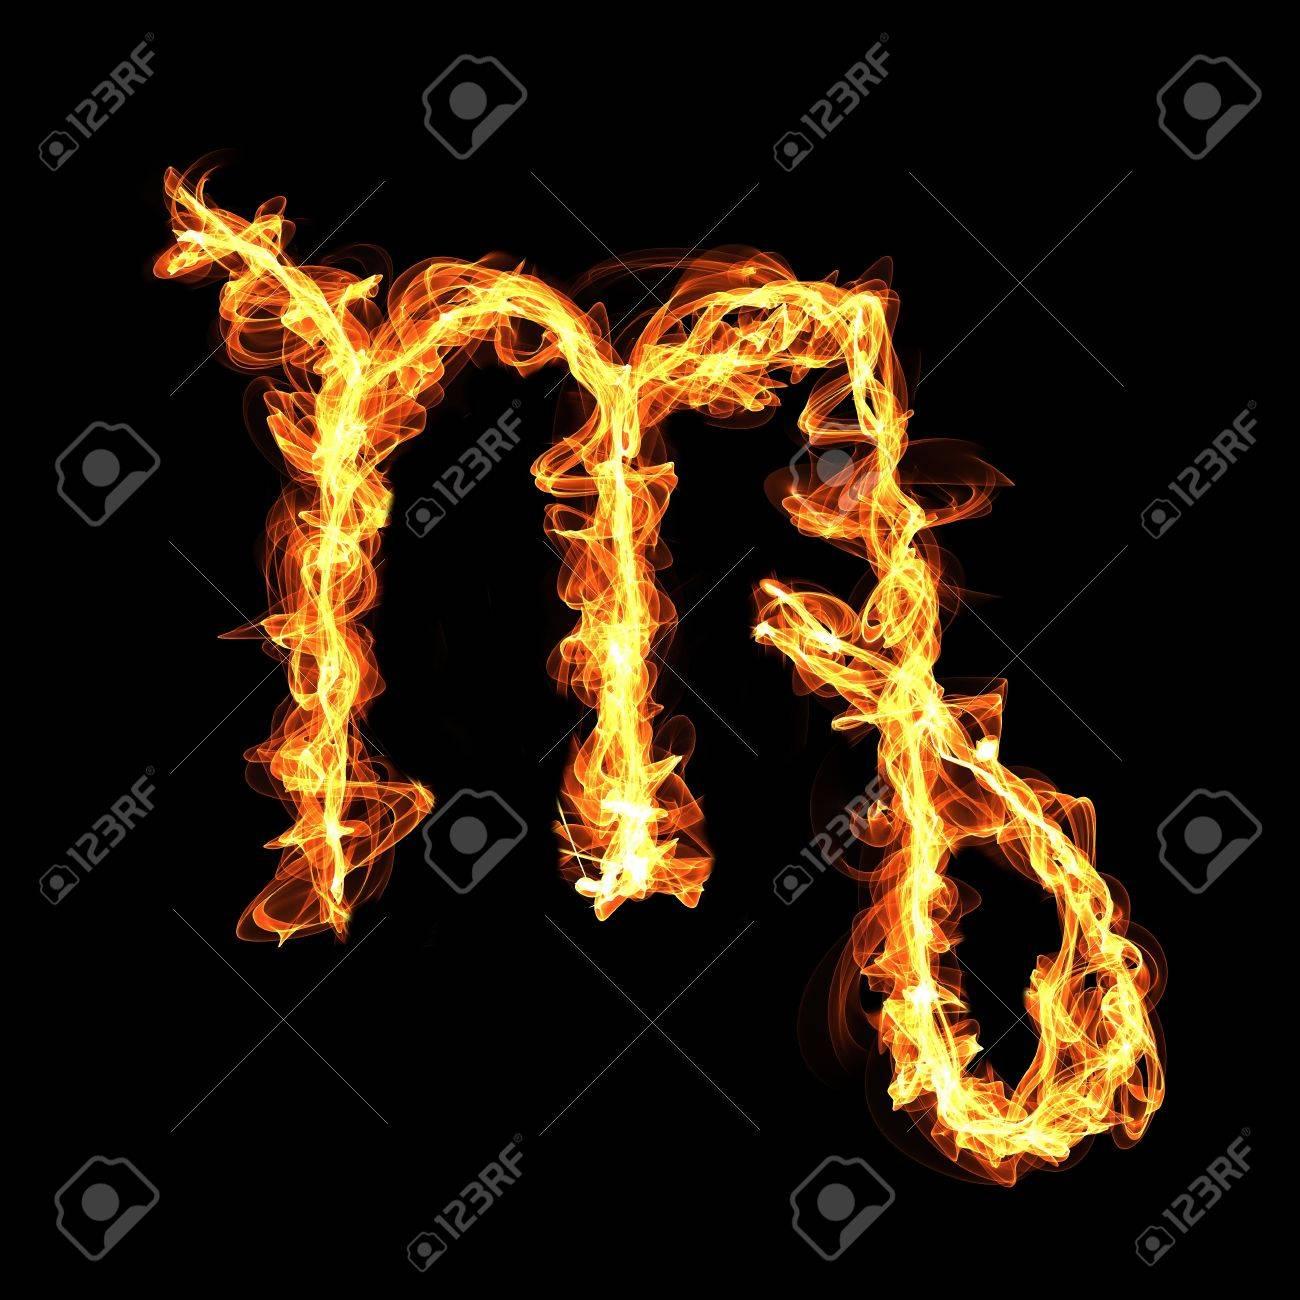 fire zodiac sign Virgo. Stock Vector - 18891584